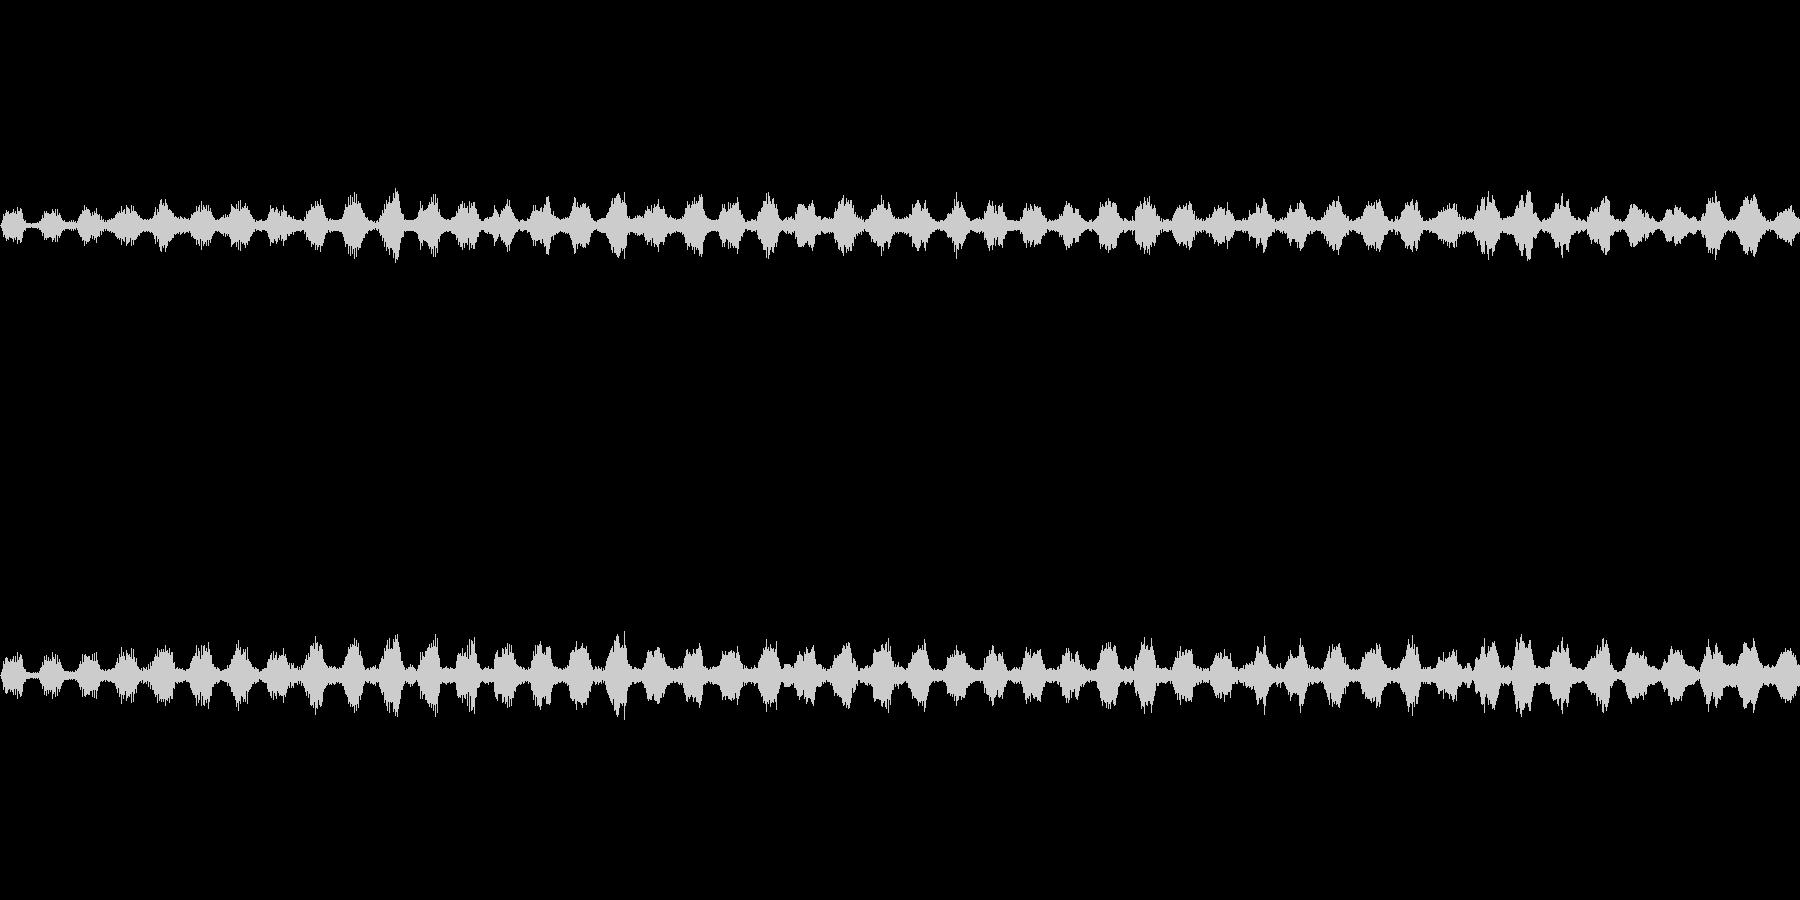 キーンの未再生の波形